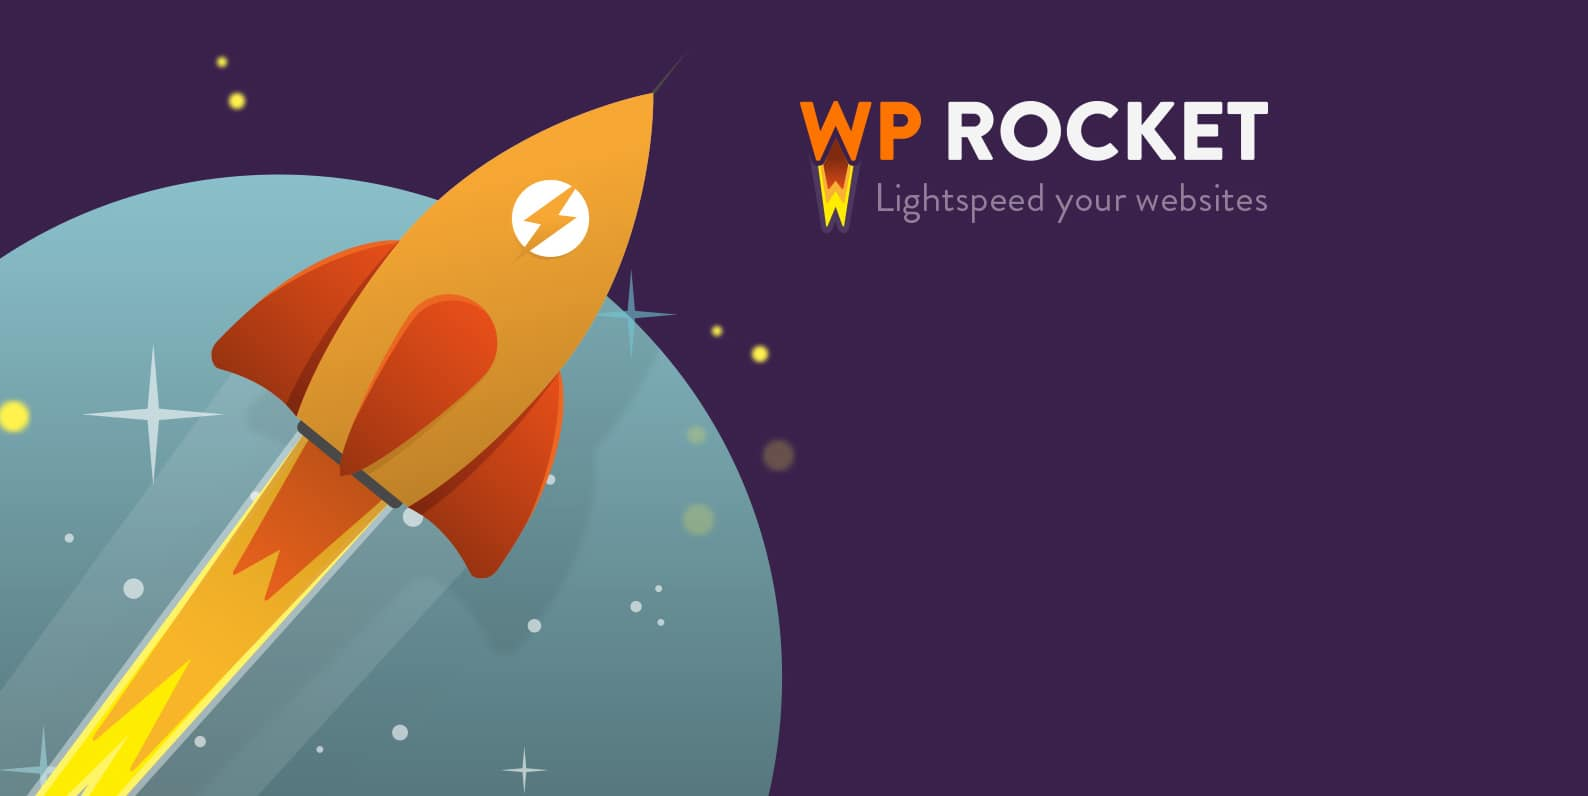 「WP插件」 WP Rocket v3.4.2.2 专业版+破解+中文汉化 【已更新】 WP资源更新记录 第1张